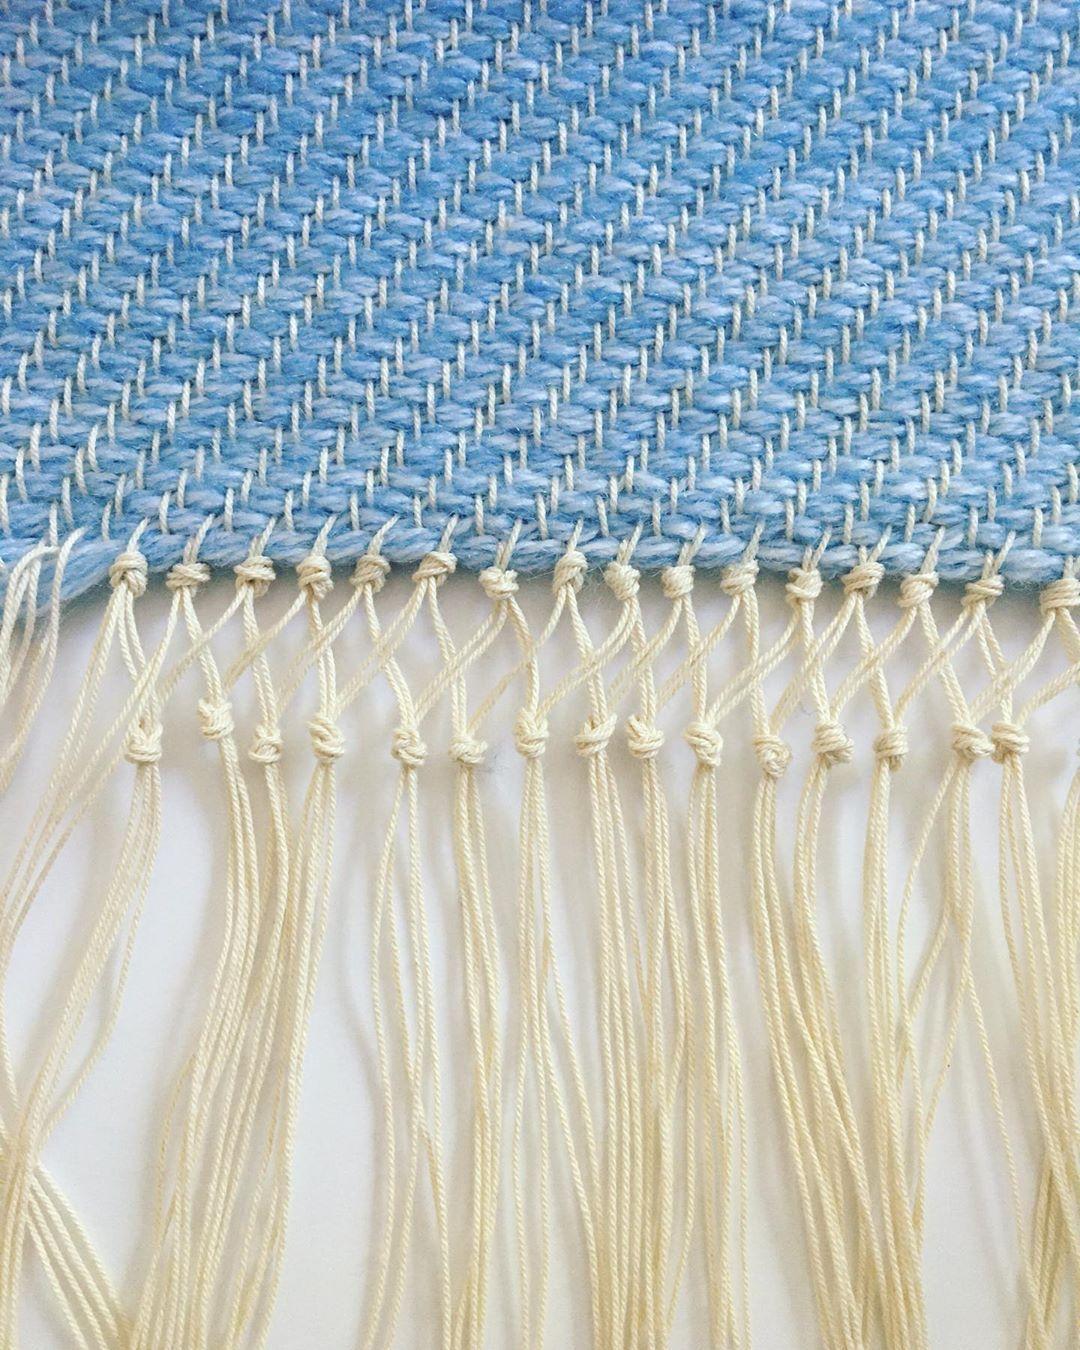 Combining macramé with weaving is so satisfying 🙌 . . .  #weaversofinstagram #weaving #wool #shuttle #craft #design #textiles #weavingloom #weavingworkshop #craftasatherapy #yarnlover #yarnaddiction #handweaversofinstagram #handwoven #väv #loom #diycraft #satisfying #handweaving #konsthandverk #macrame #carpet #babyblue